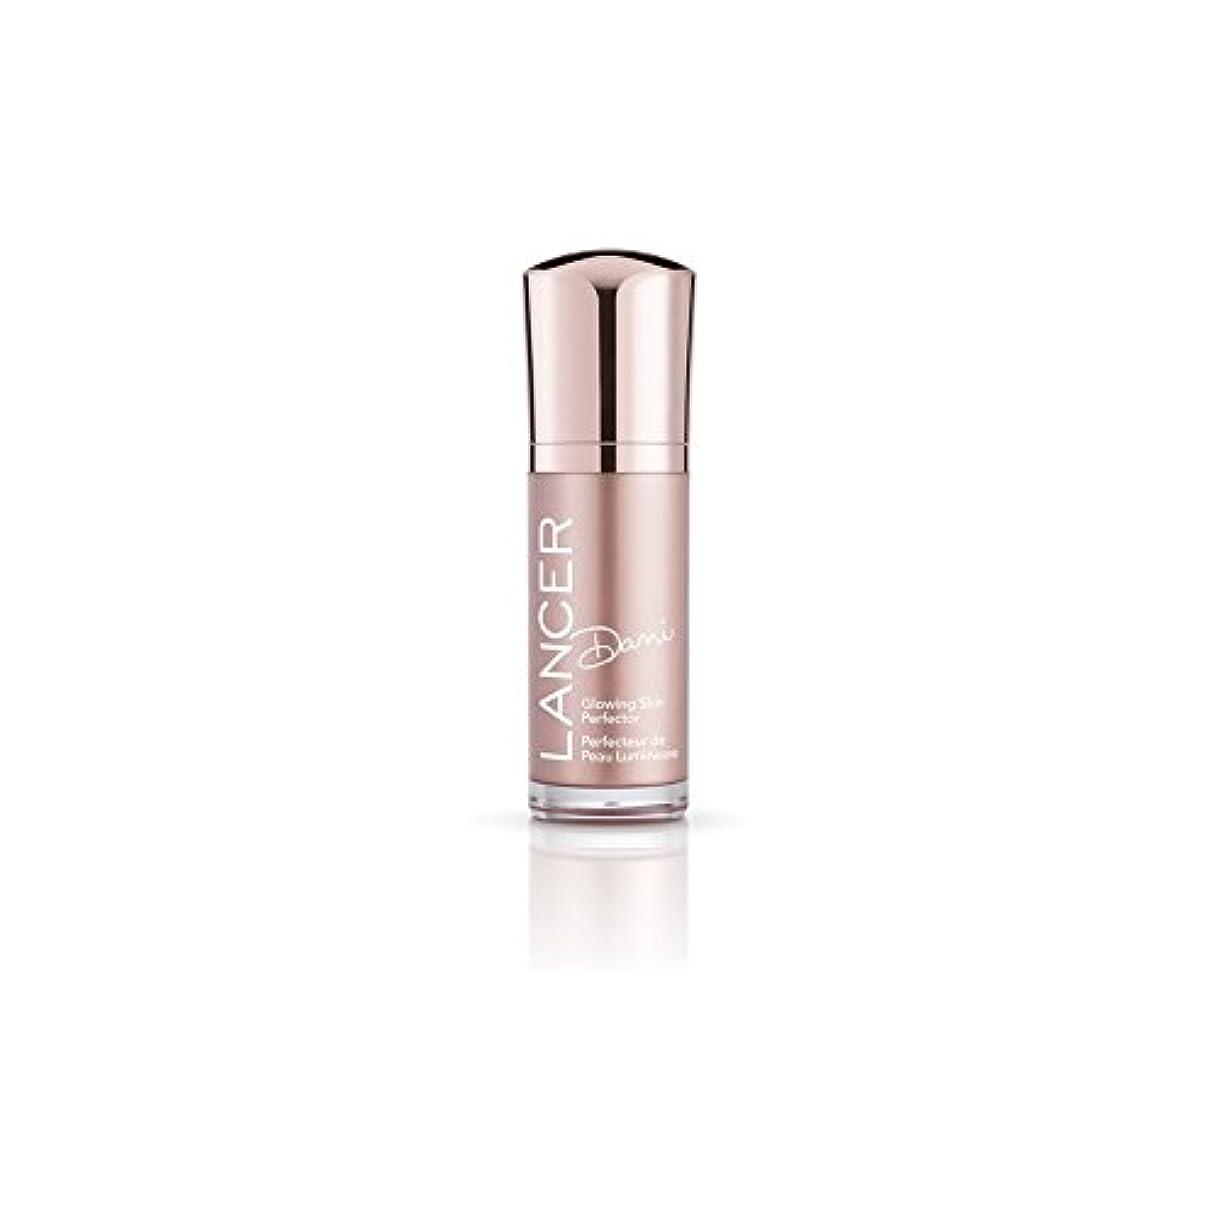 率直なアルバム規範スキンパーフェク輝くランサースキンケアダニ(30ミリリットル) x2 - Lancer Skincare Dani Glowing Skin Perfector (30ml) (Pack of 2) [並行輸入品]